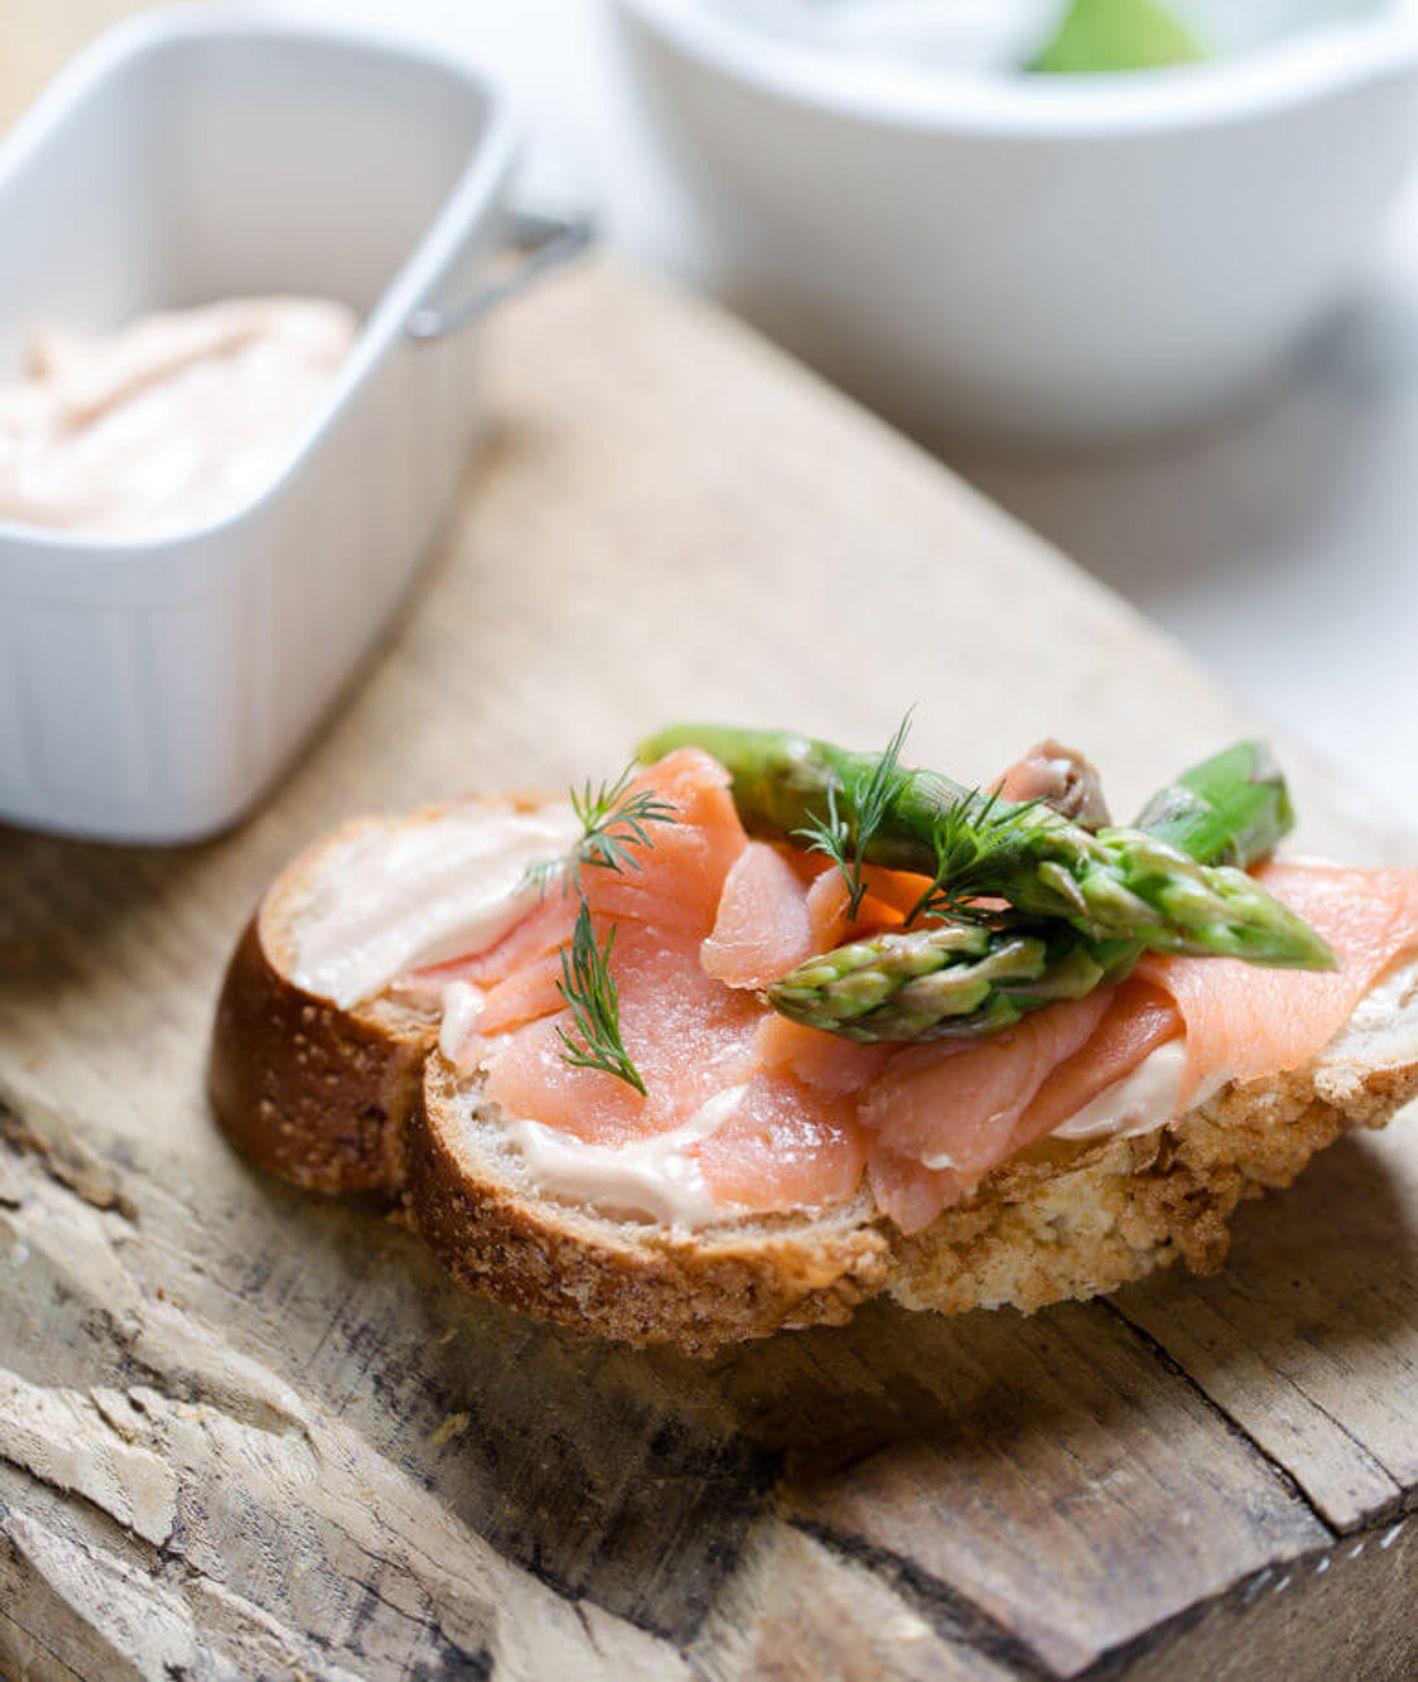 chałka ze szparagami i sosem holenderskim, chałka na słono, chałka z łososiem, wytrawne śniadanie, szparagi, sos holenderski, jak zrobić sos holenderski, jak ugotować szparagi